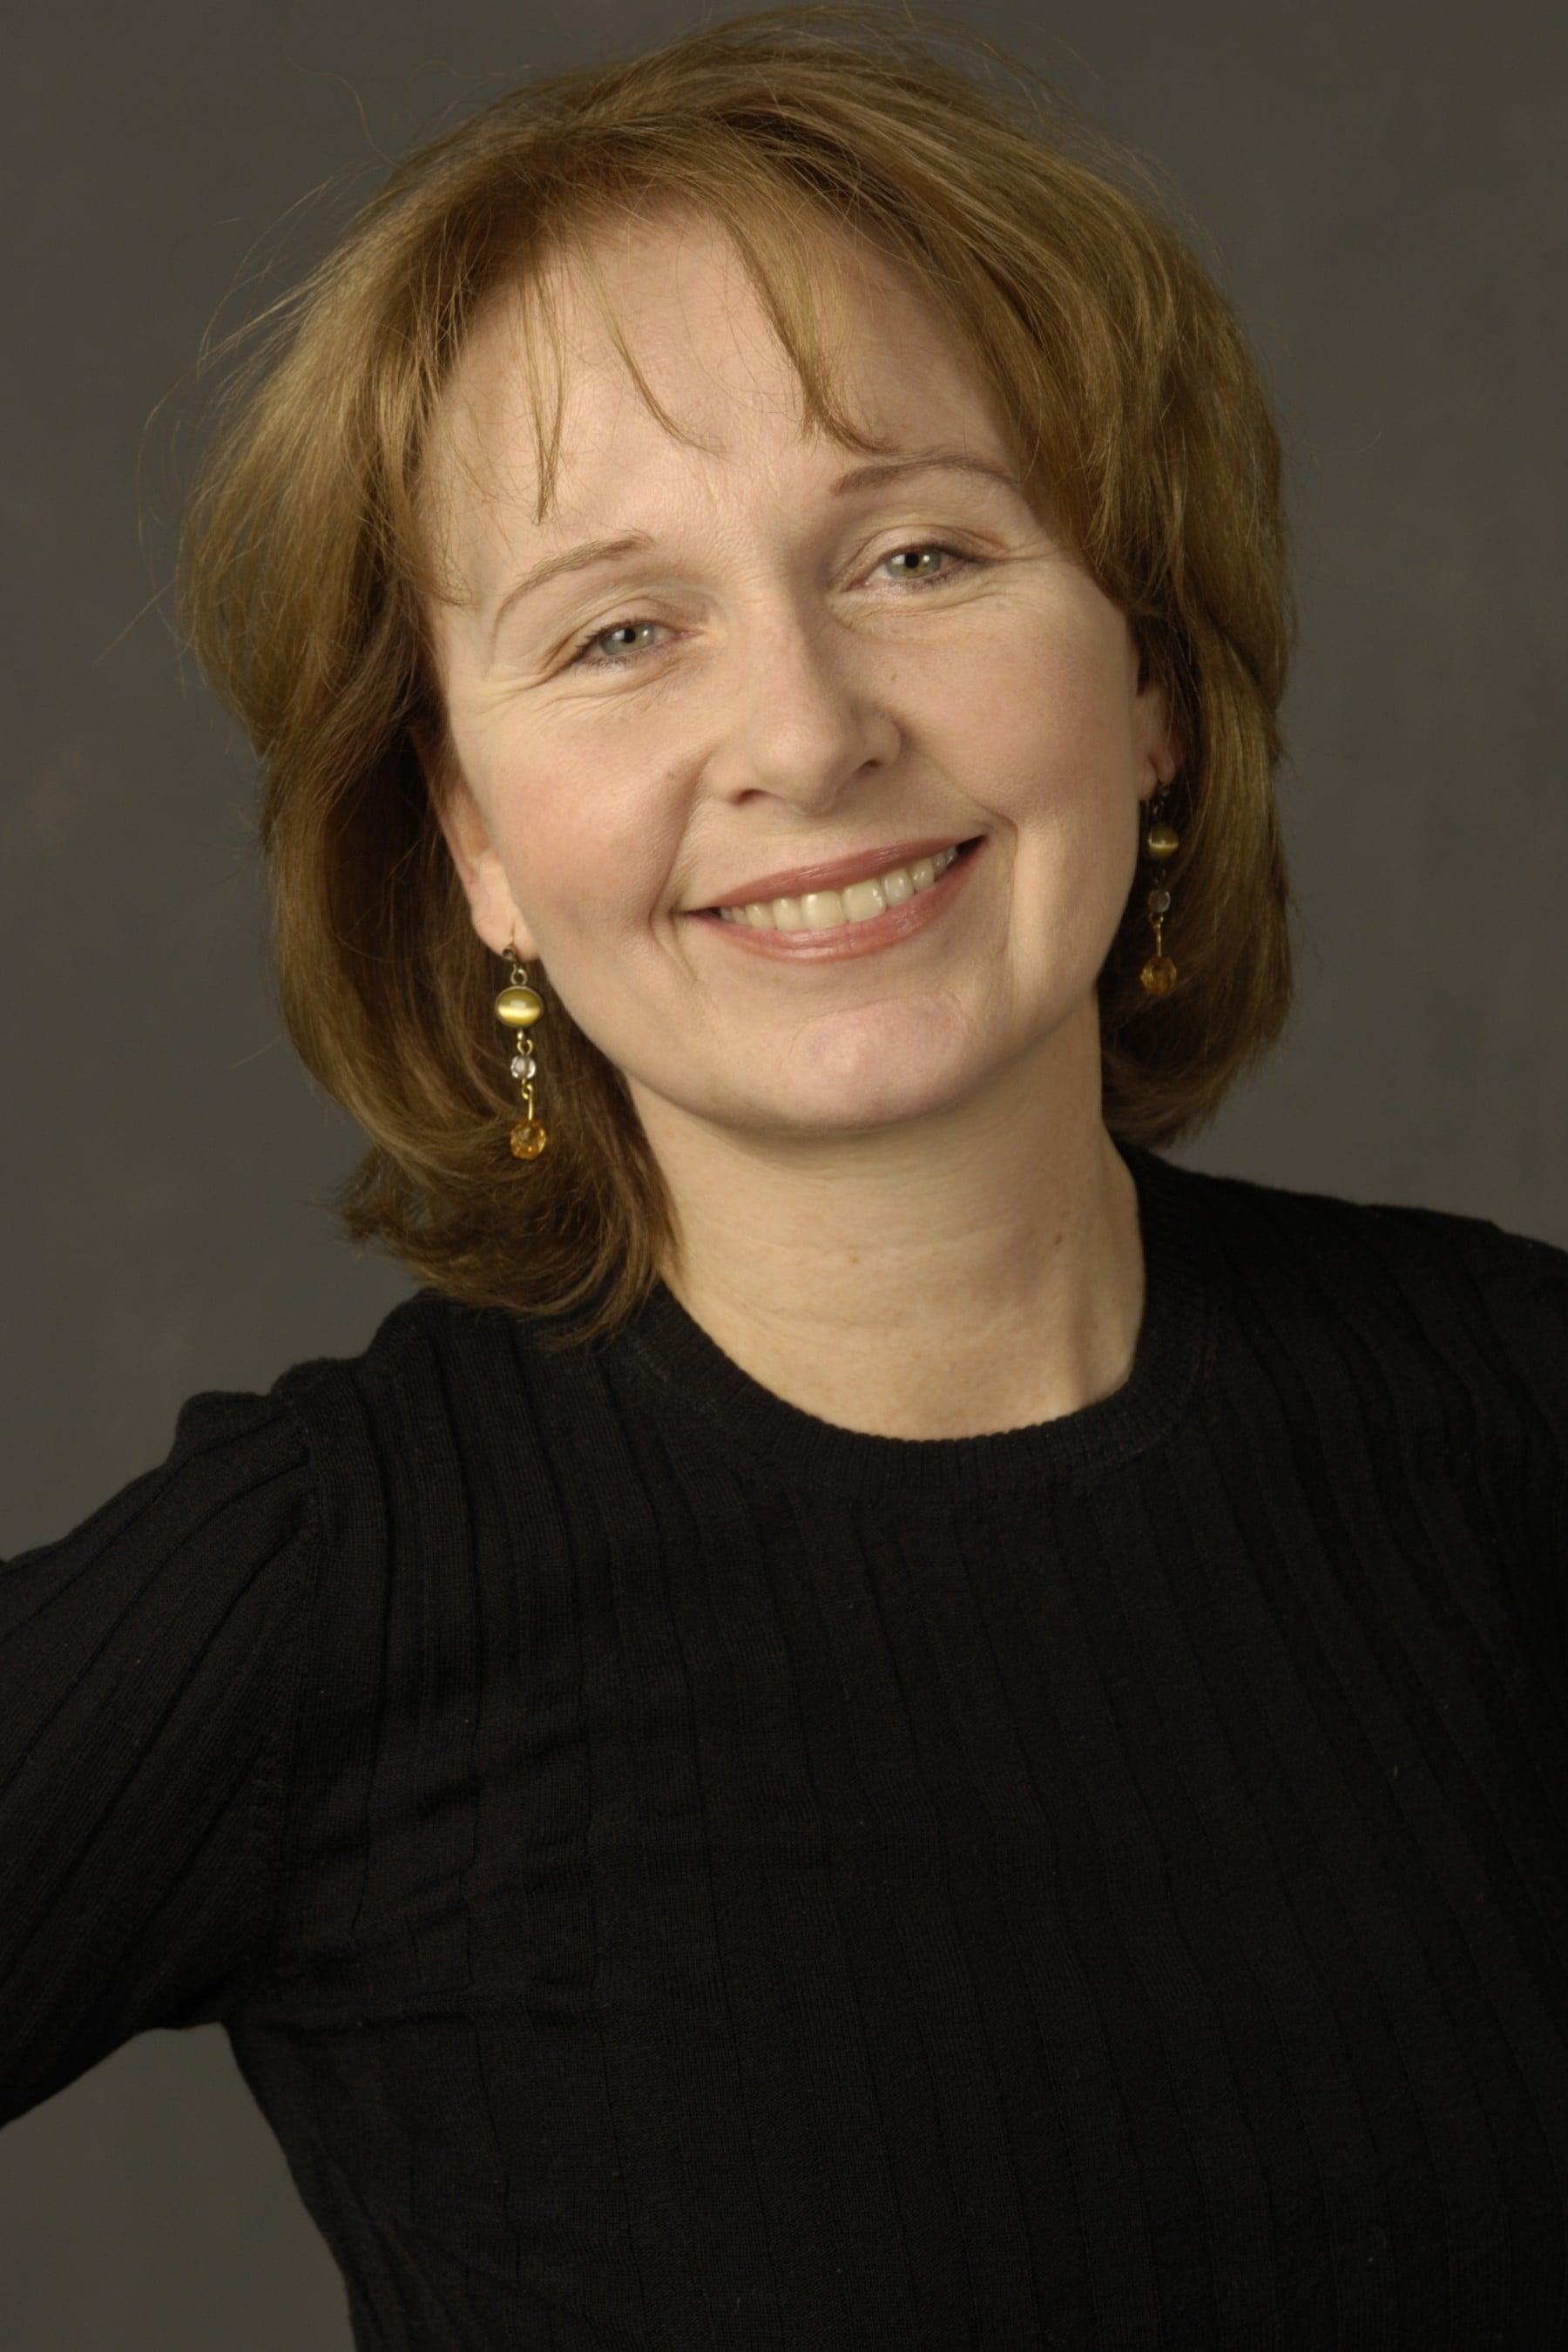 Tracy Kay